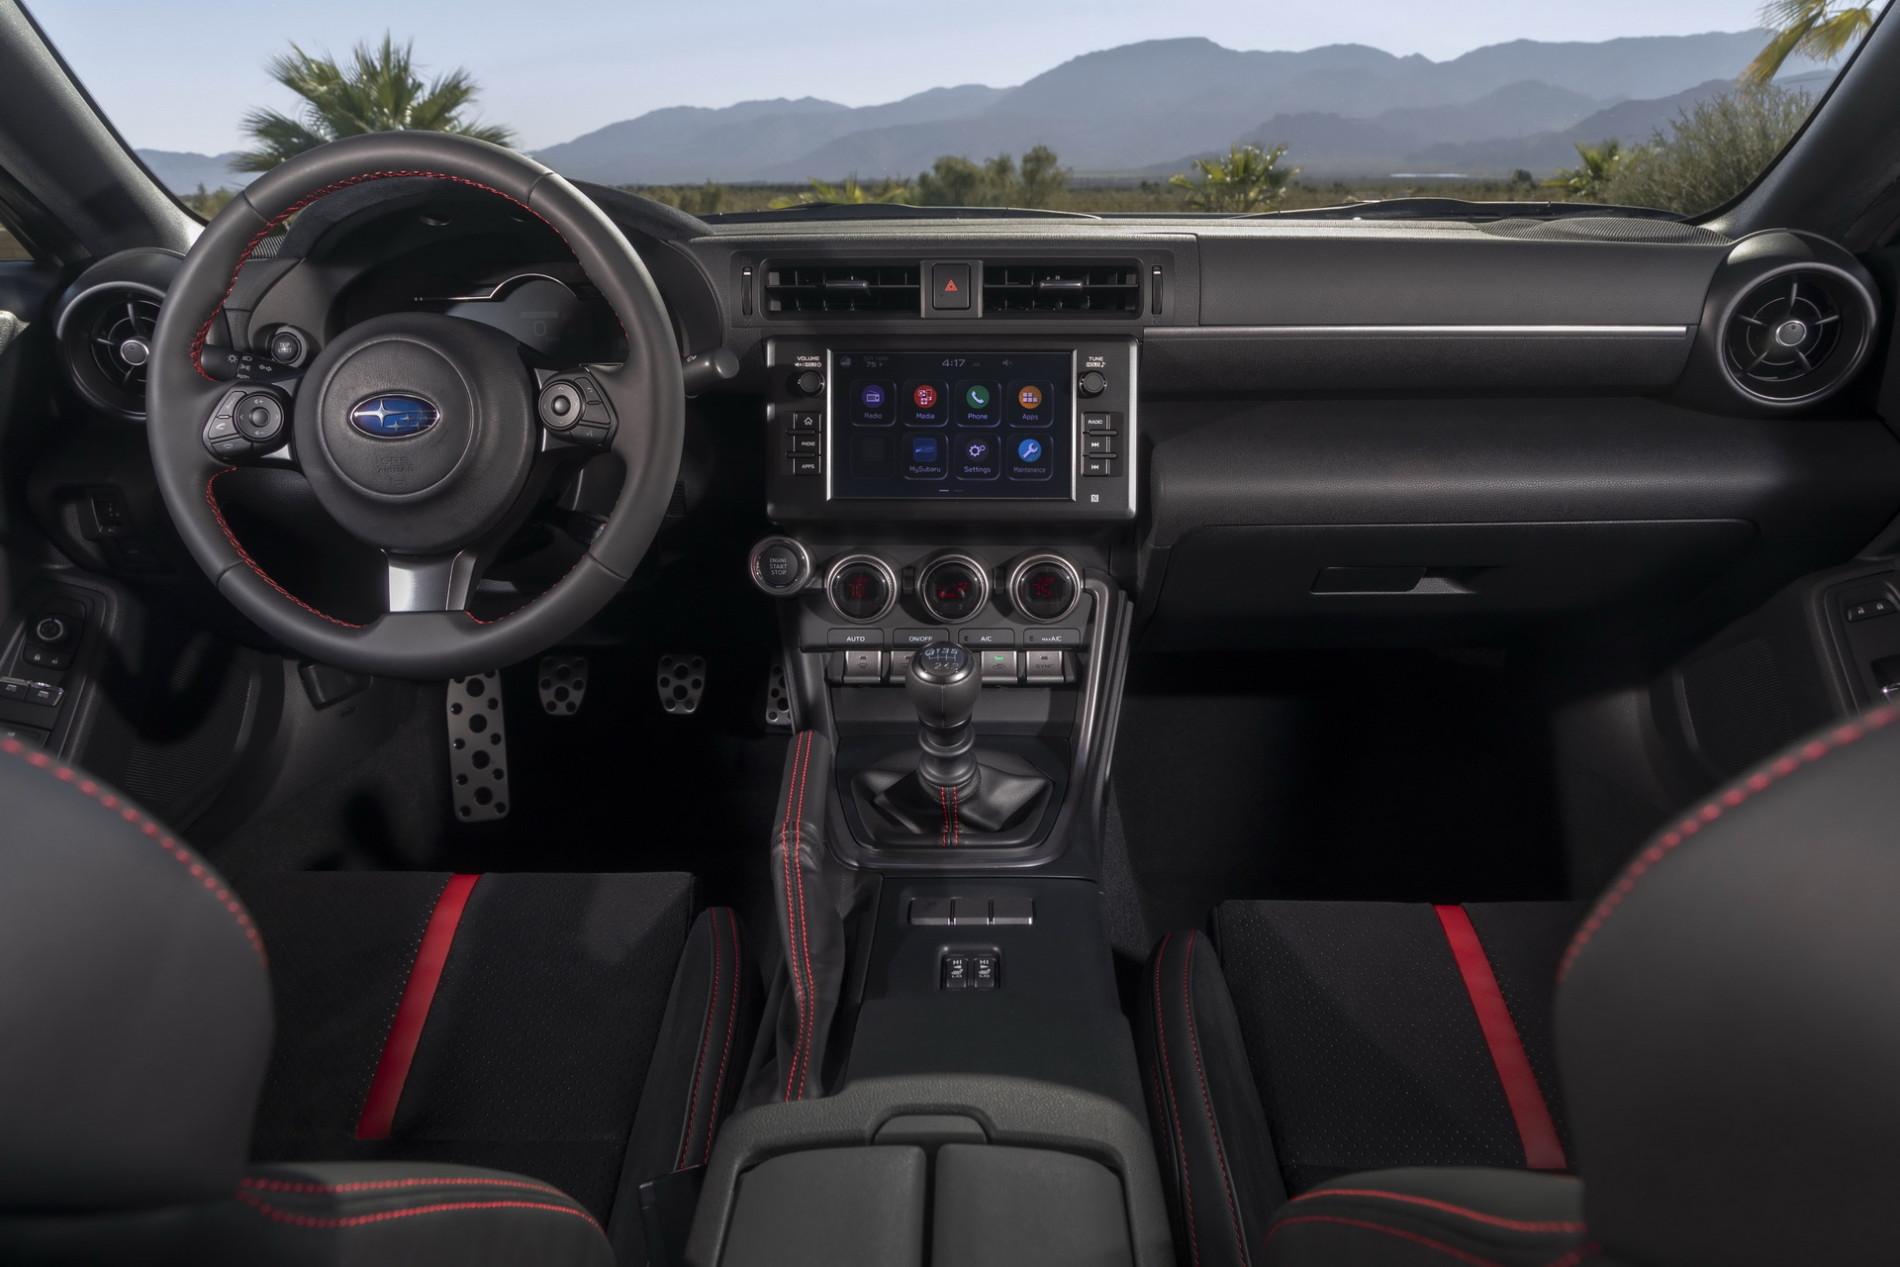 Subaru BRZ - Subaru BRZ